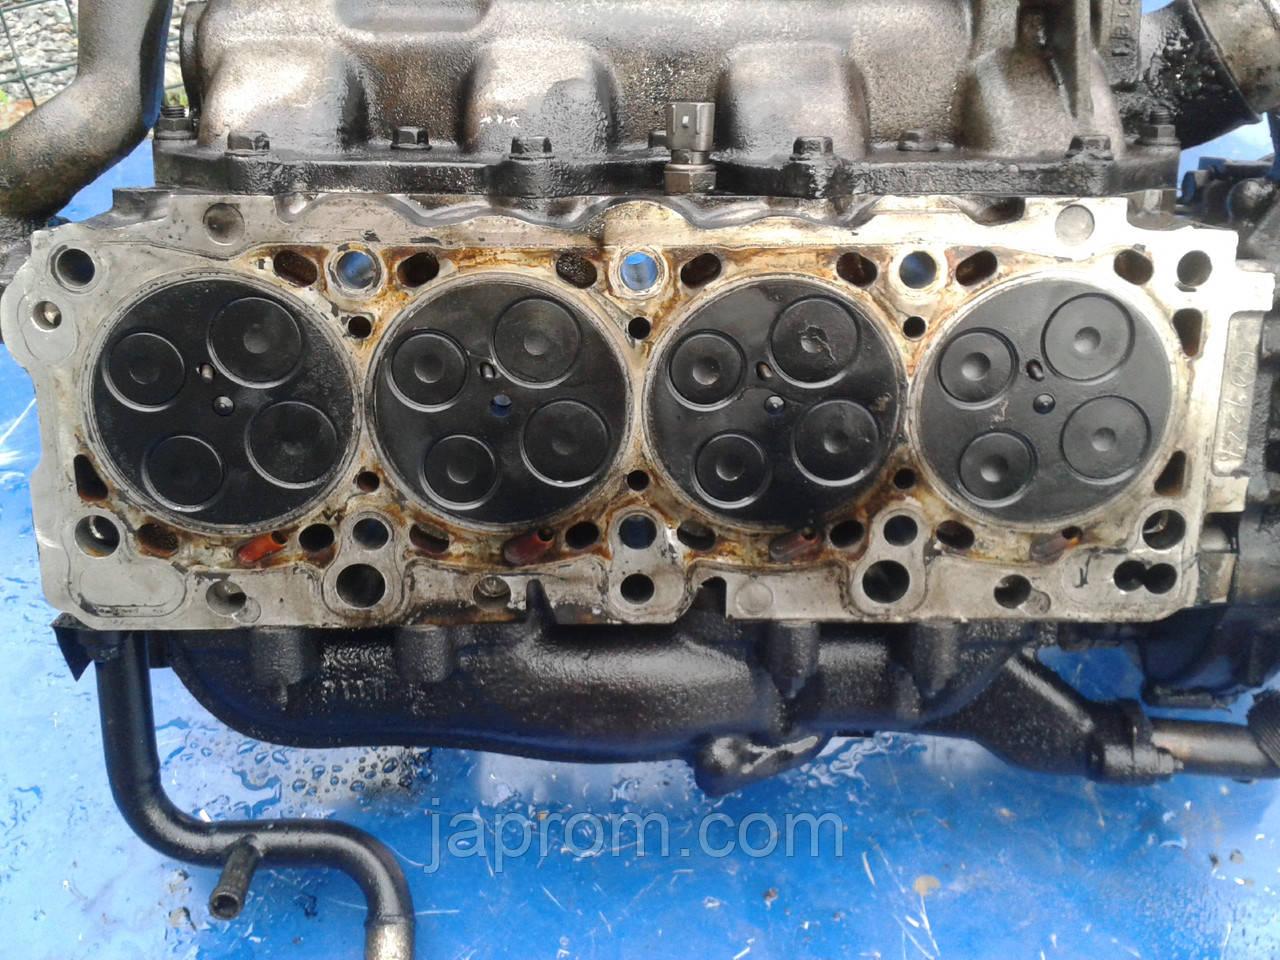 Головка блока цилиндров (ГБЦ) Mazda 323 BJ 626 GF Premacy 1998-2005г.в. 2.0 дизель